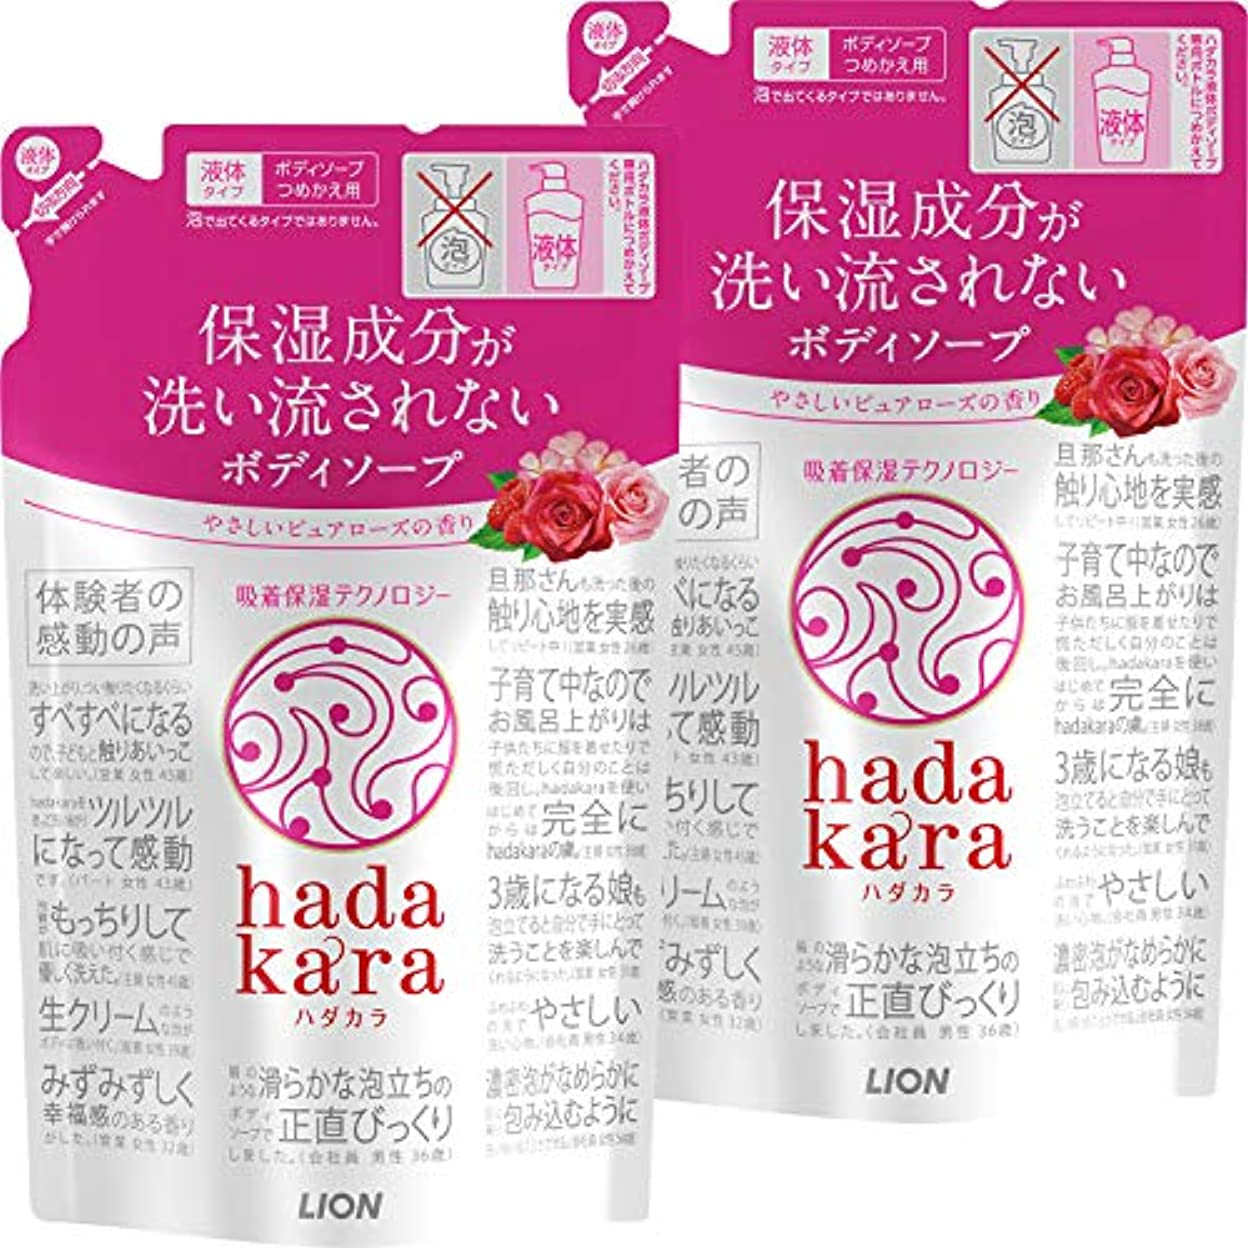 専門化するしたい推進、動かす【まとめ買い】hadakara(ハダカラ) ボディソープ ピュアローズの香り 詰め替え 360ml×2個パック